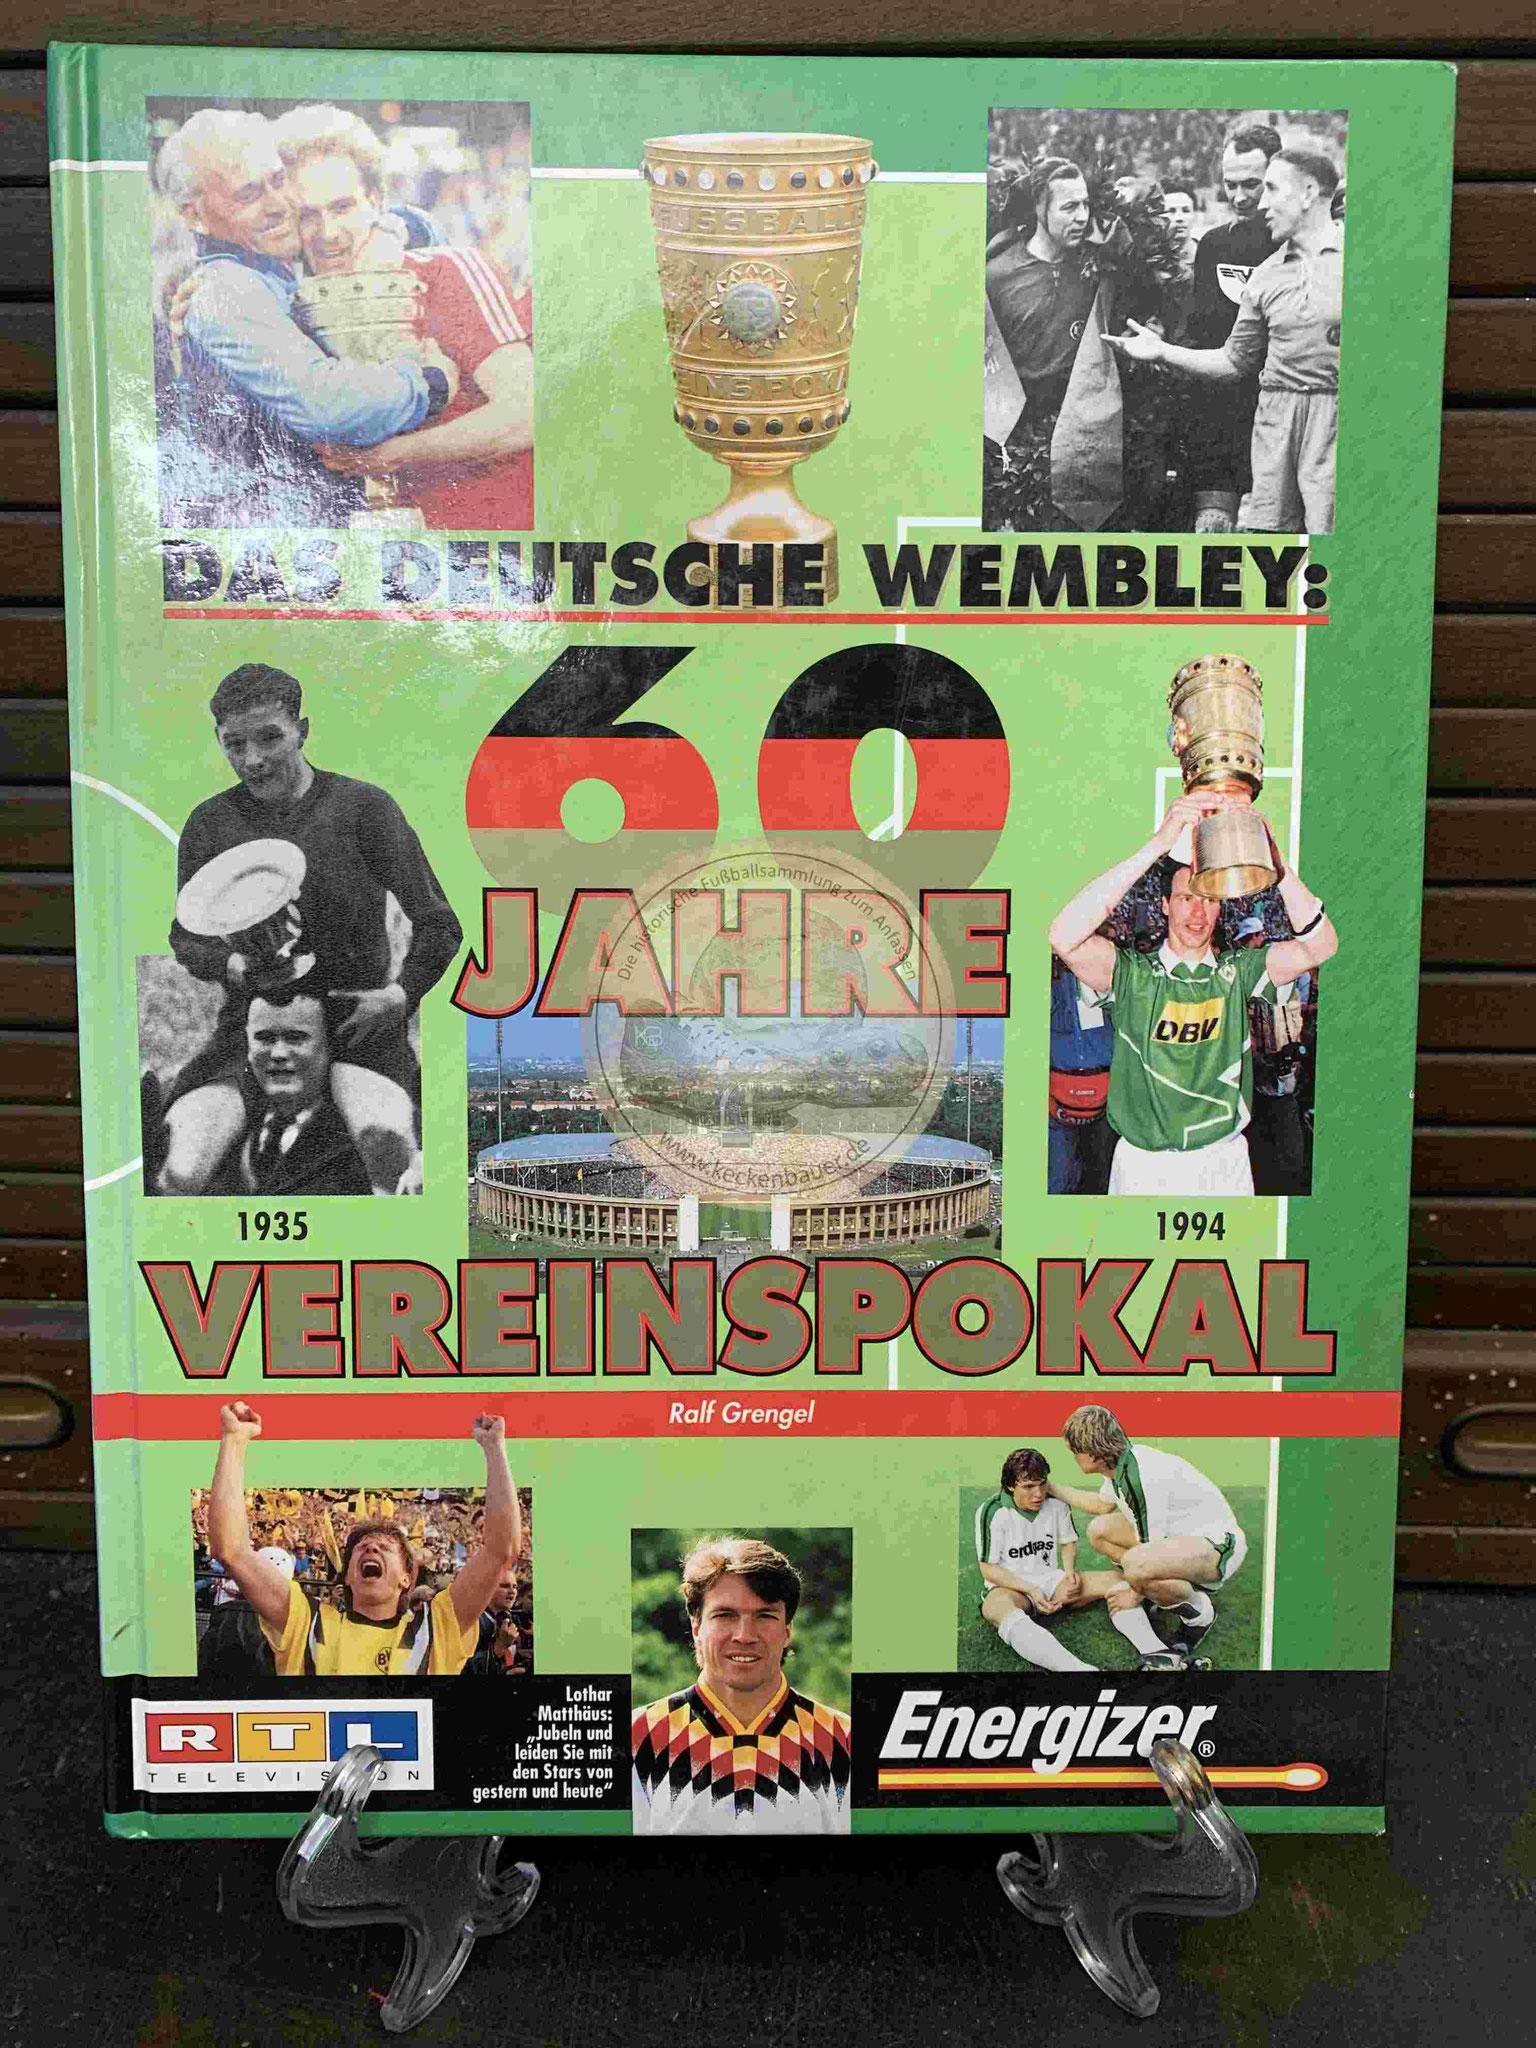 Das Deutsche Wembley 60 Jahre Vereinspokal  aus dem Jahr 1994